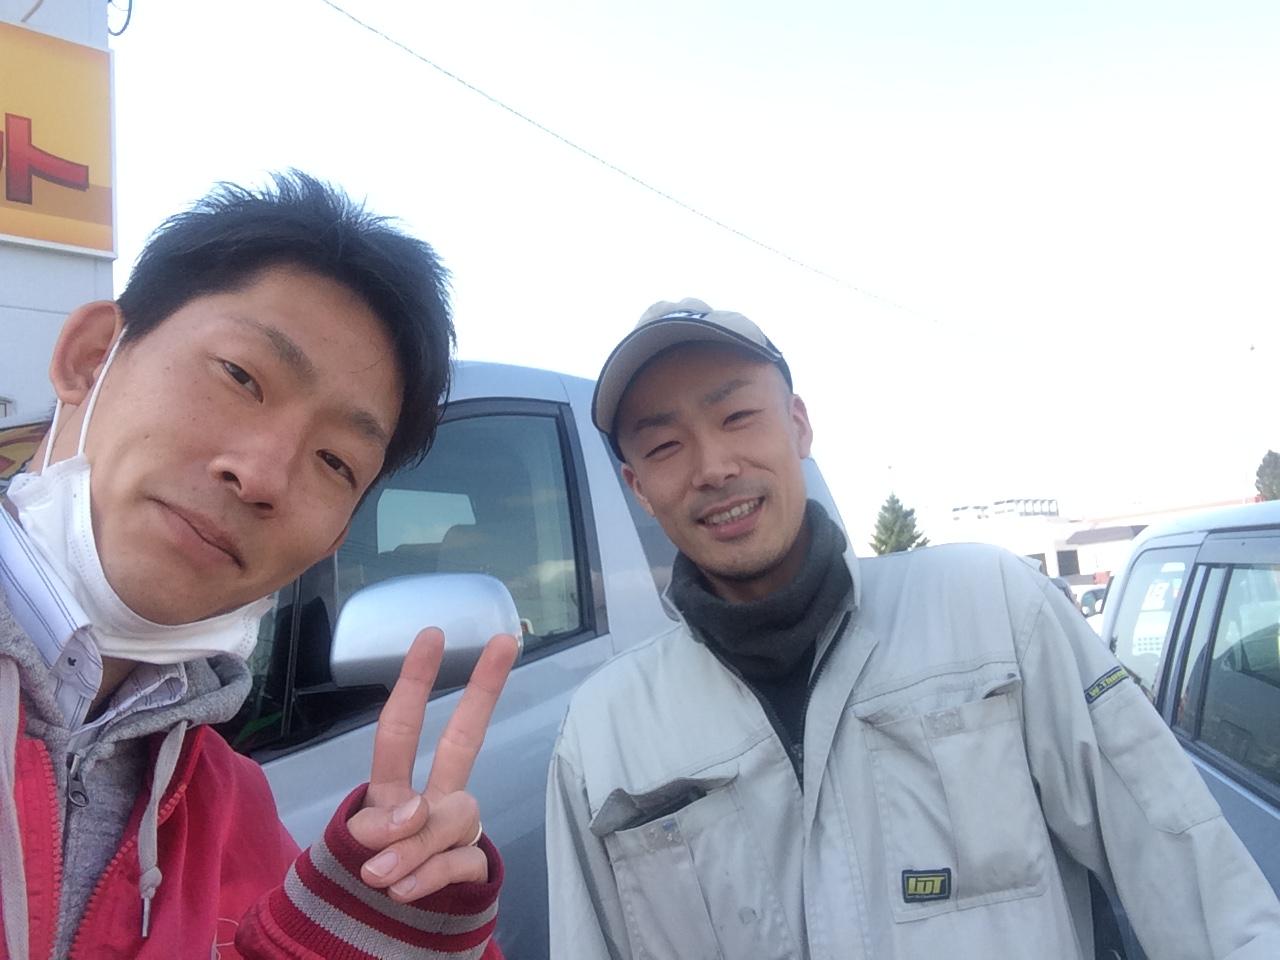 4月21日(火)アウトレット☆K様パジェロご成約♪♪ワカブロ☆_b0127002_20425635.jpg